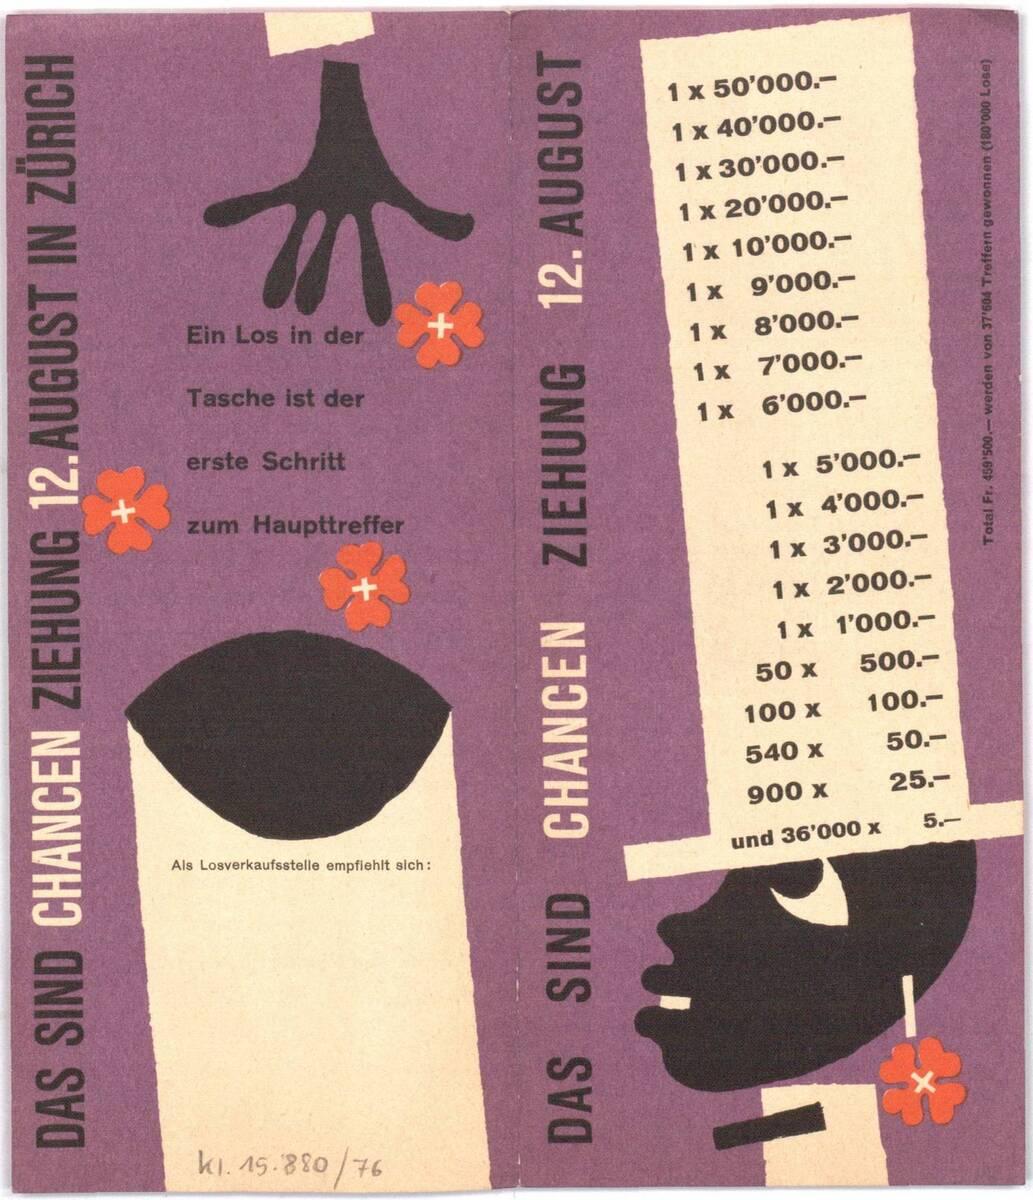 Broschüre der Interkantonalen Landes-Lotterie: Das sind Chancen. Ziehung 12. August von Anonym